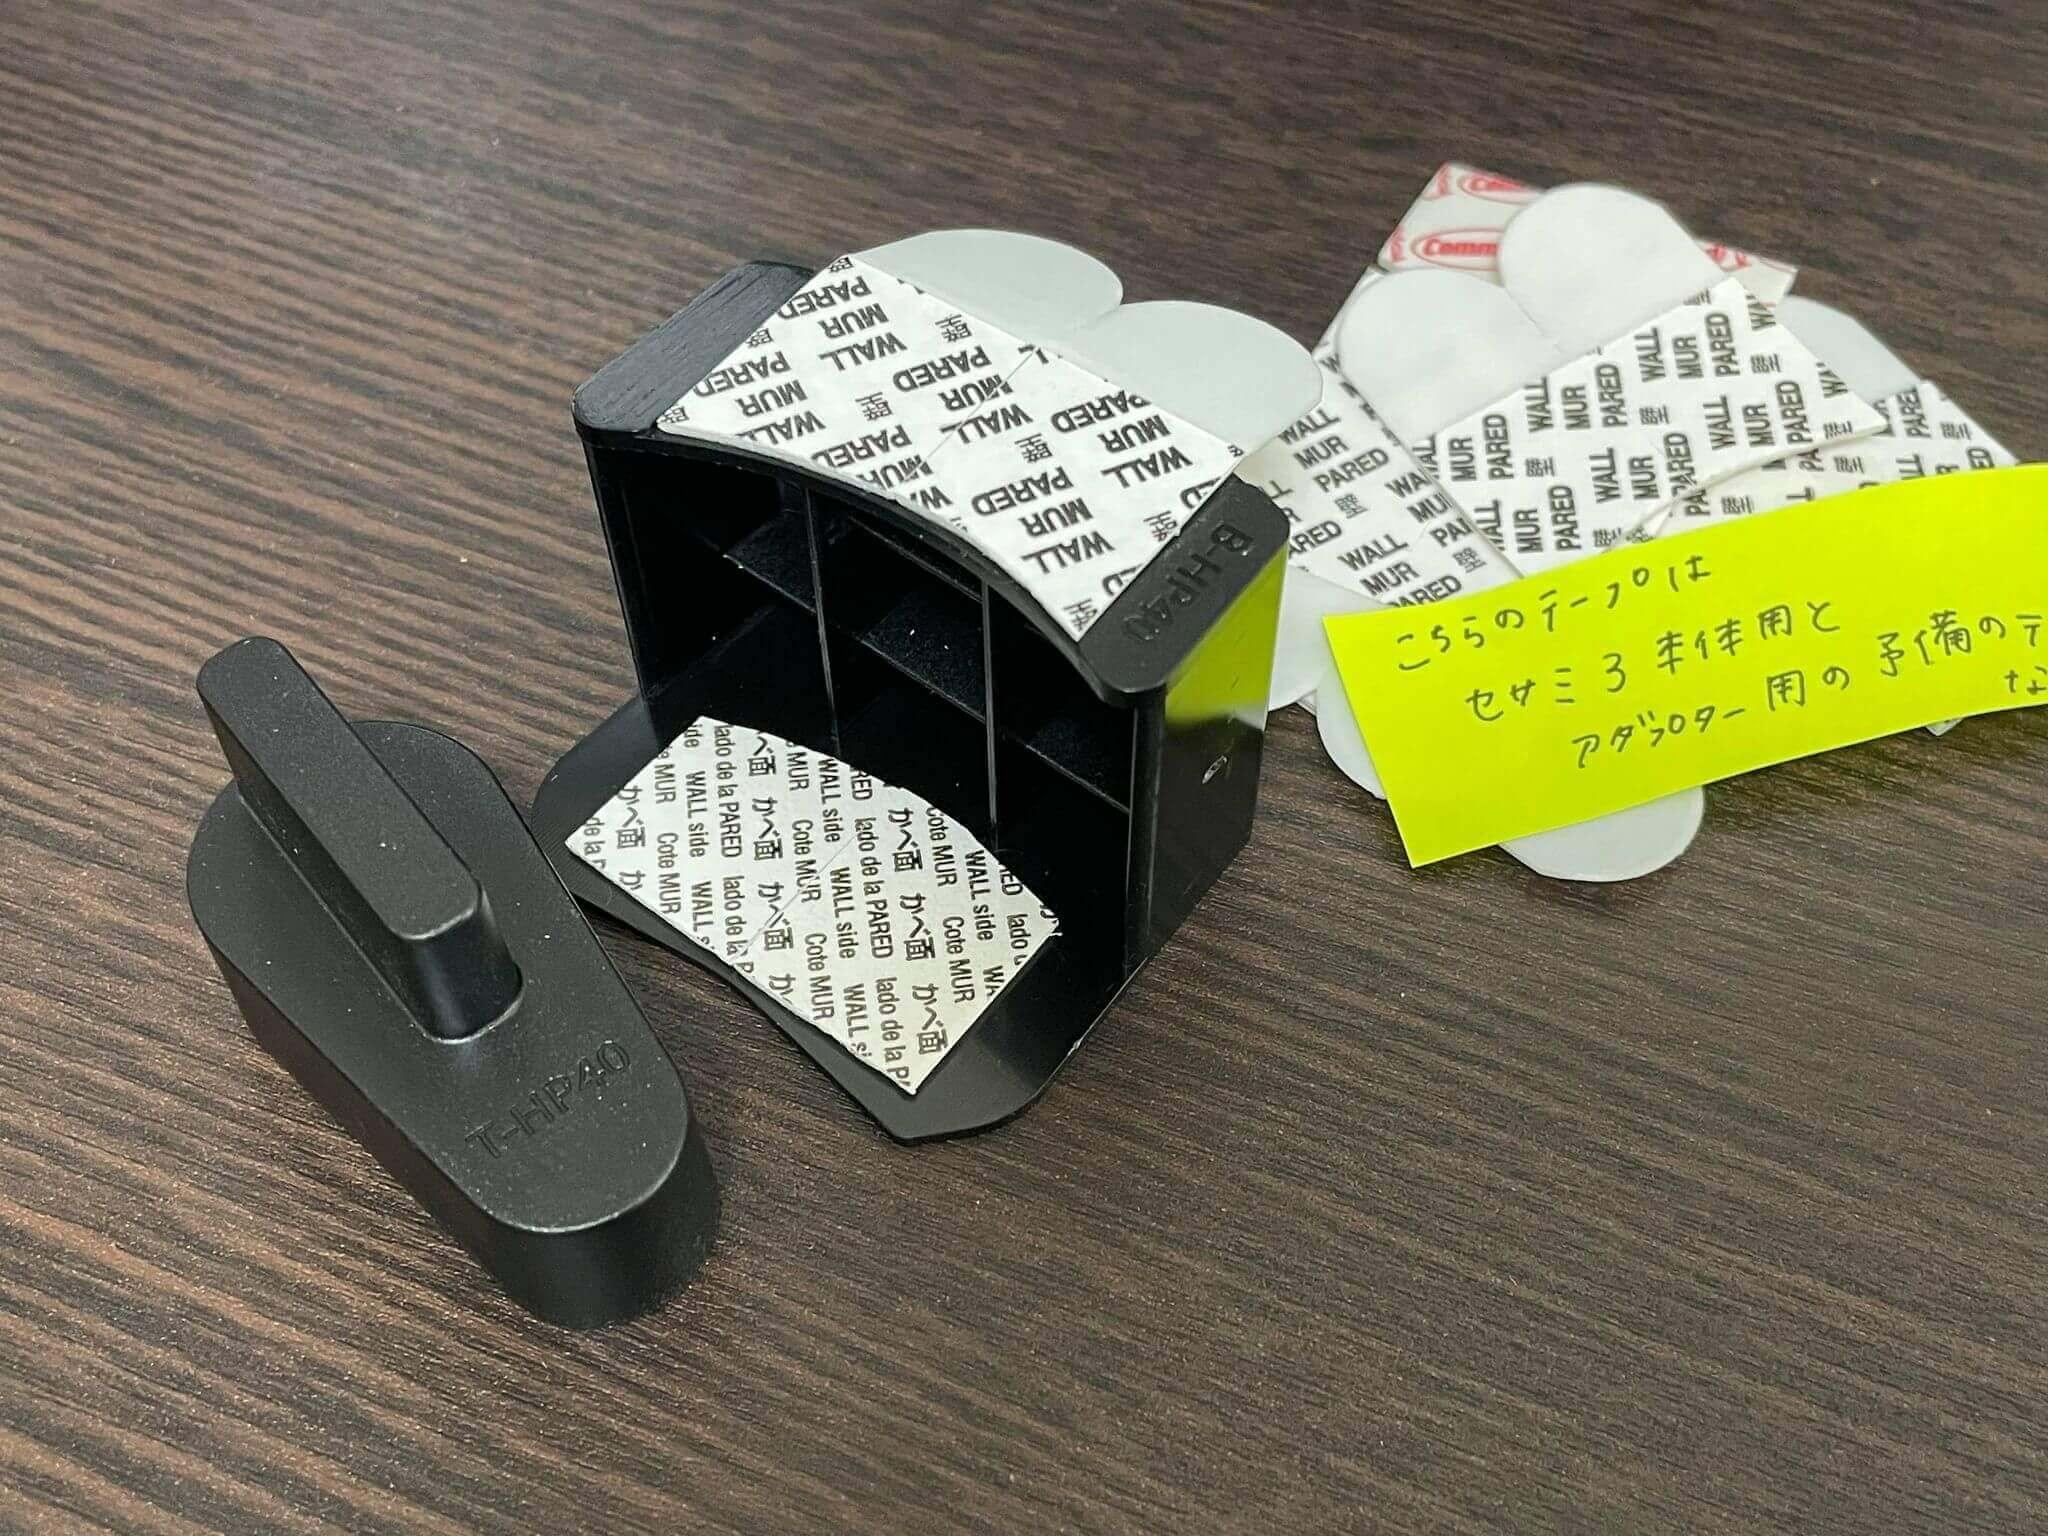 別送されてきたMIWA HP40用アダプタ。親切にもSESAMI貼り付け用の予備の両面テープまで同梱してくれました